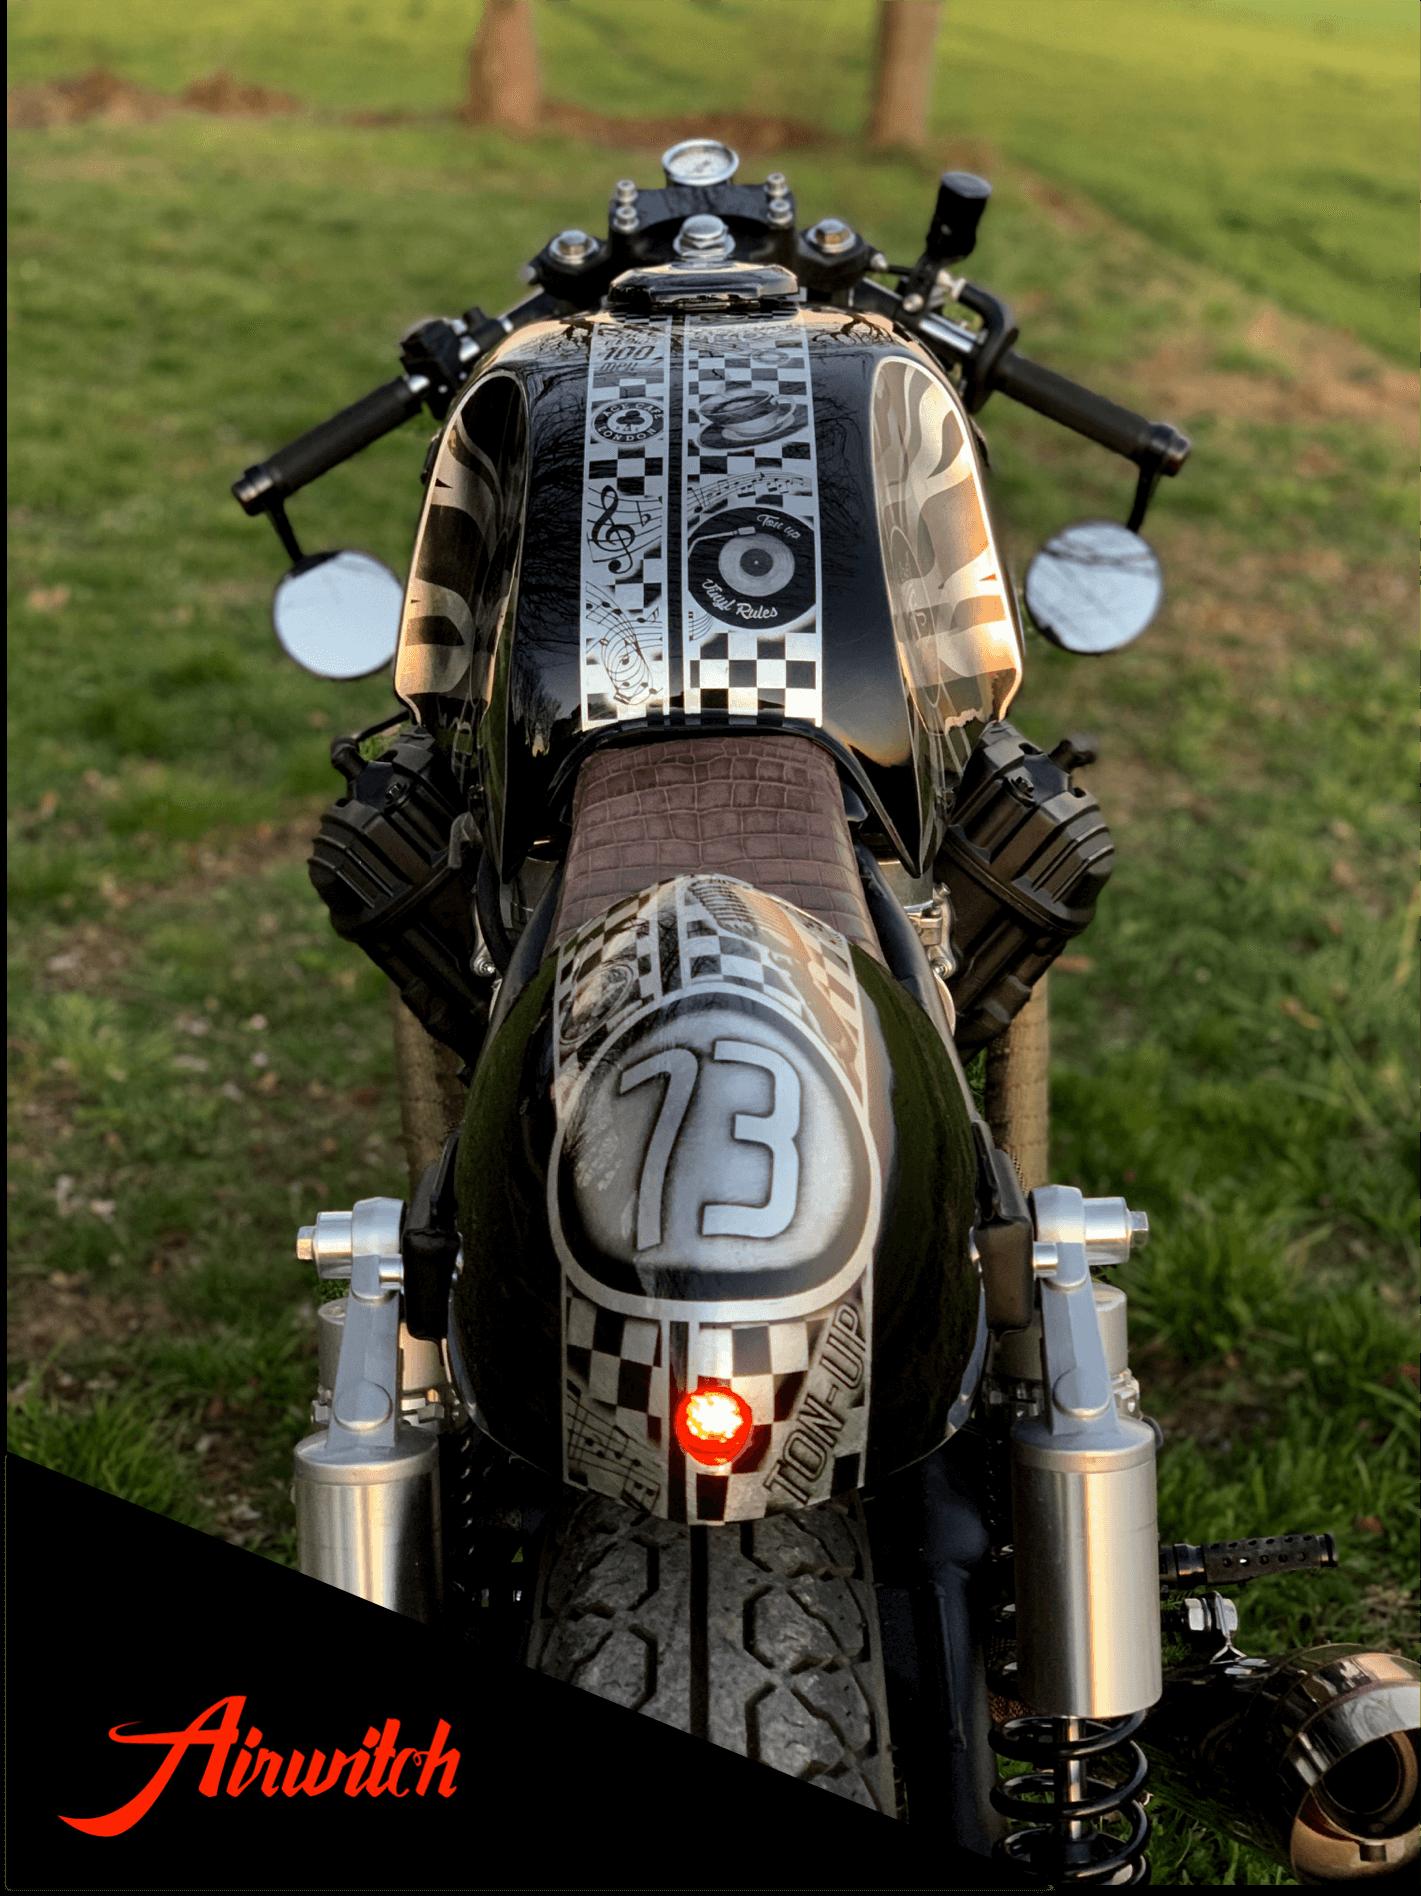 Cafe Racer Honda CX 500 mit Custom Lackierung & Airbrush in schwarz auf Blattsilber von Airwitch